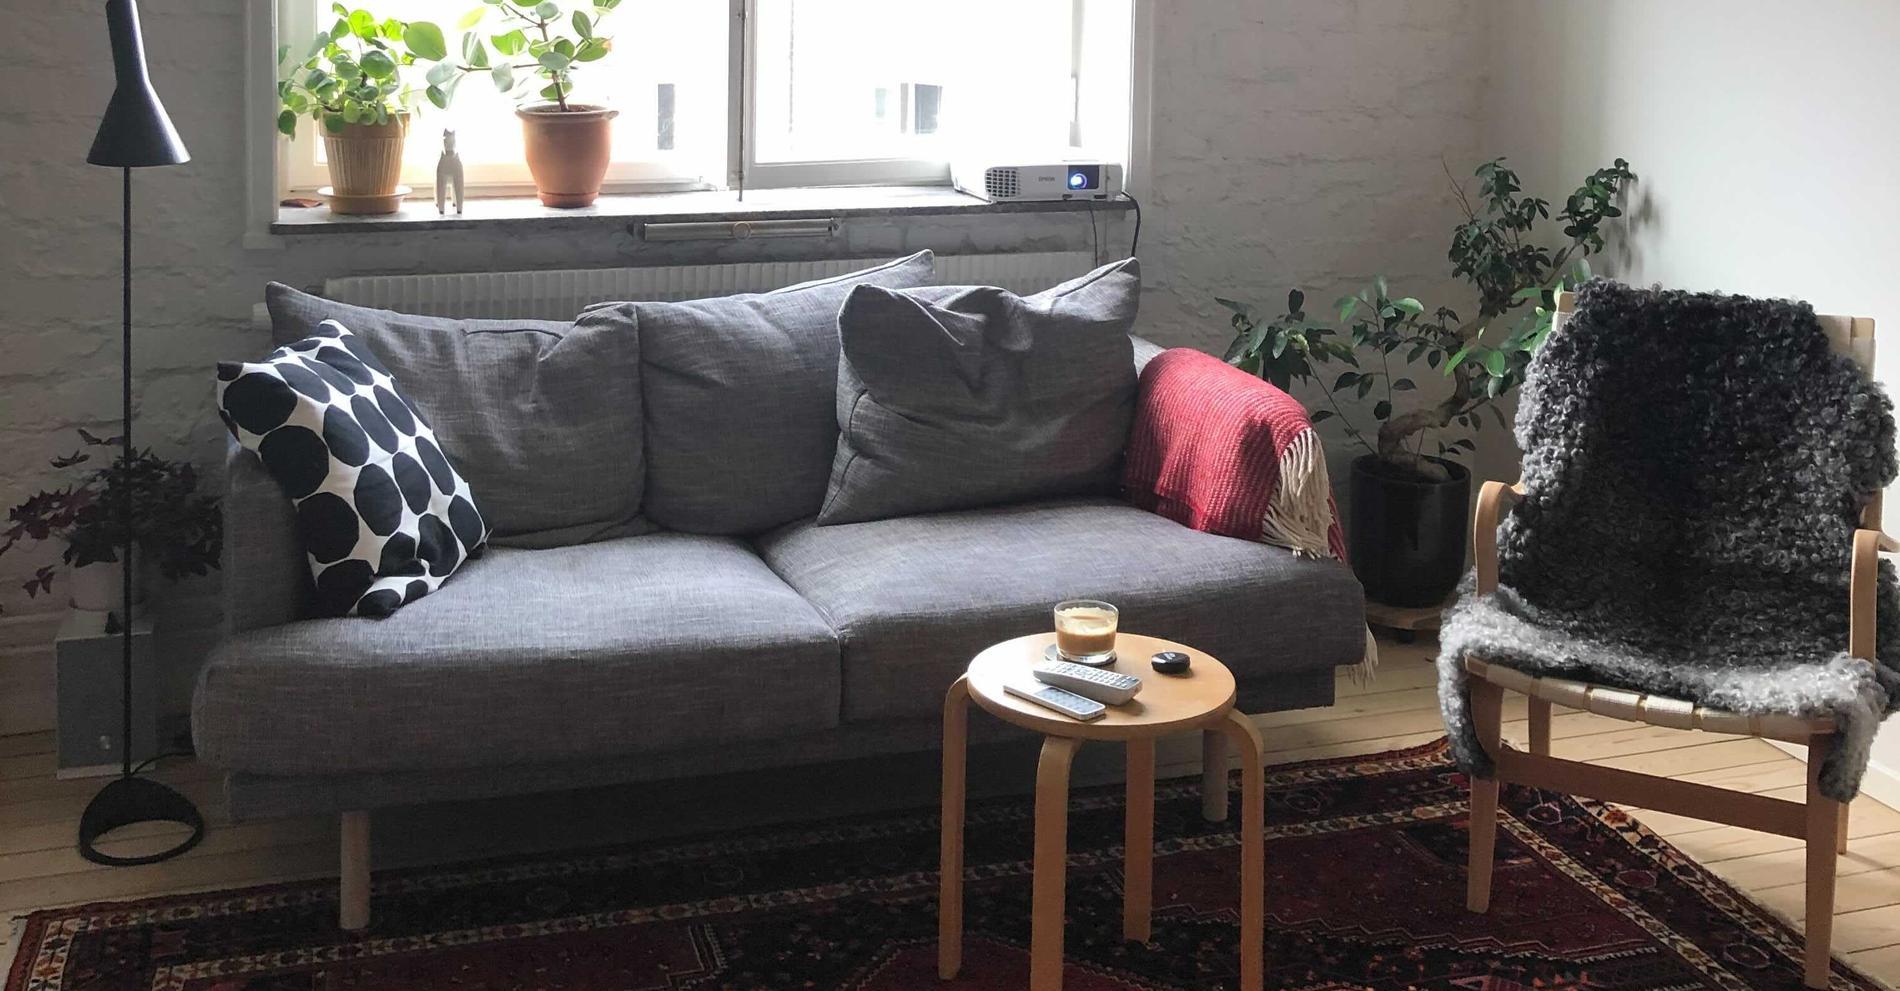 Louisas soffa, som egentligen kostar 11 900 kronor, blev betydligt dyrare på grund av Klarnas strul.